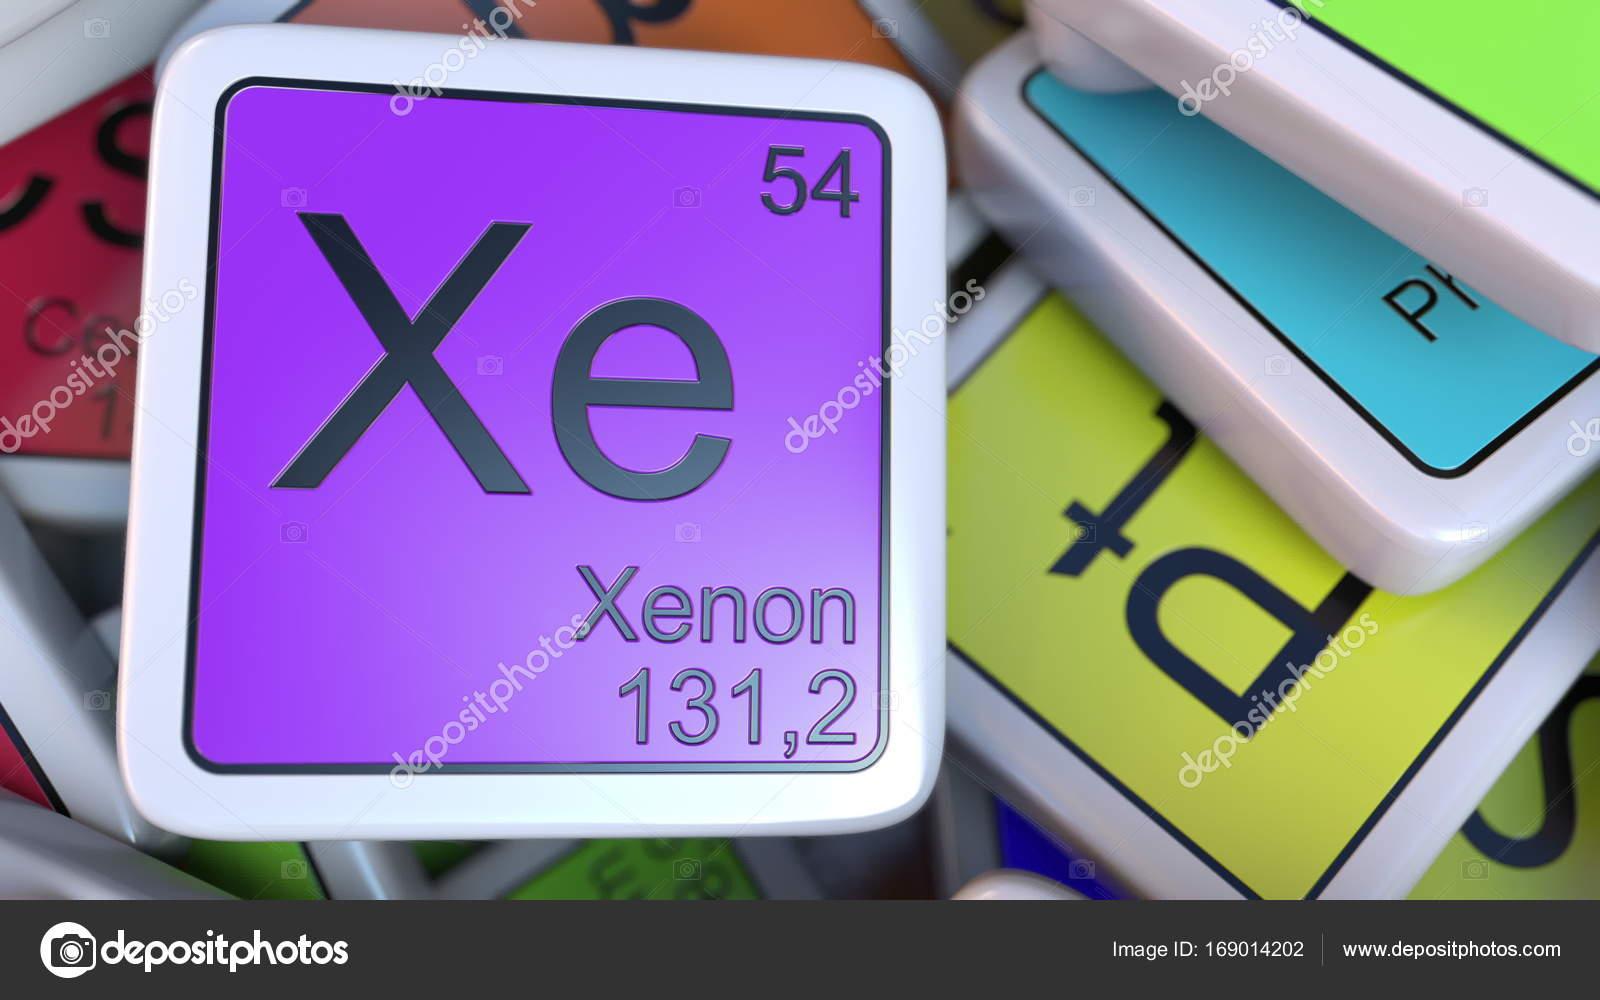 Bloque de xe xenn en la pila de la tabla peridica de los bloques bloque de xe xenn en la pila de la tabla peridica de los bloques de elementos urtaz Gallery